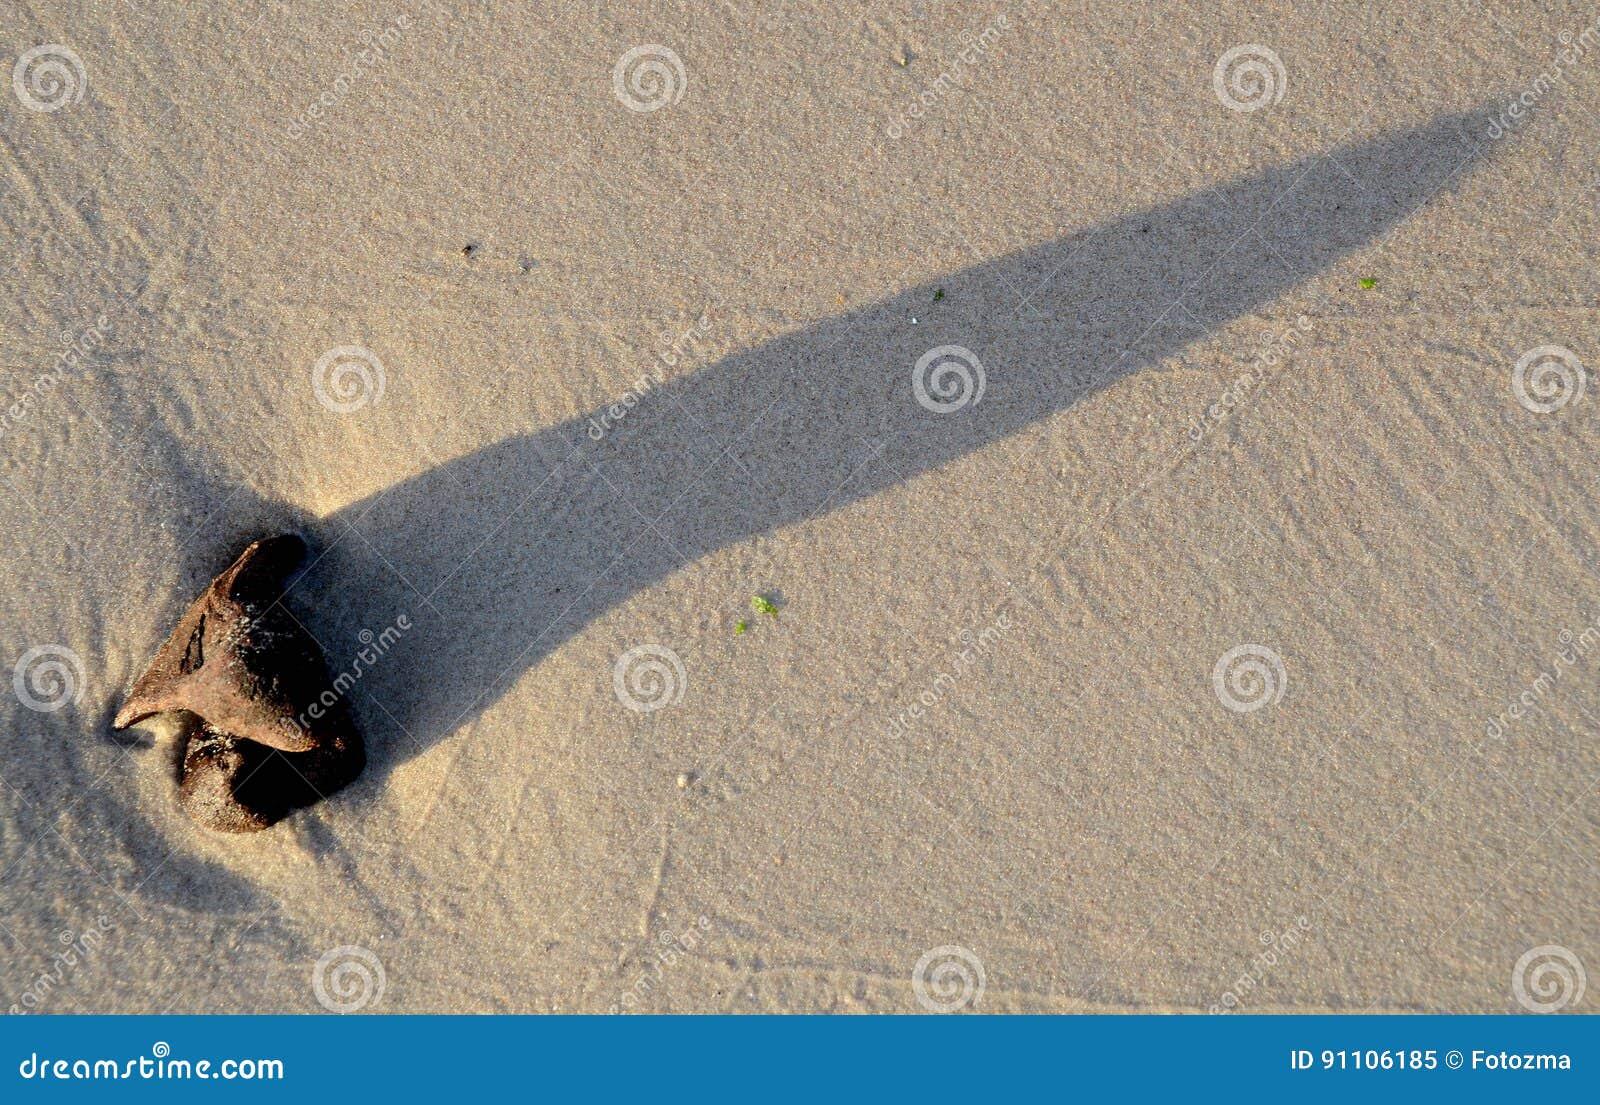 Sombra e teste padrão na areia